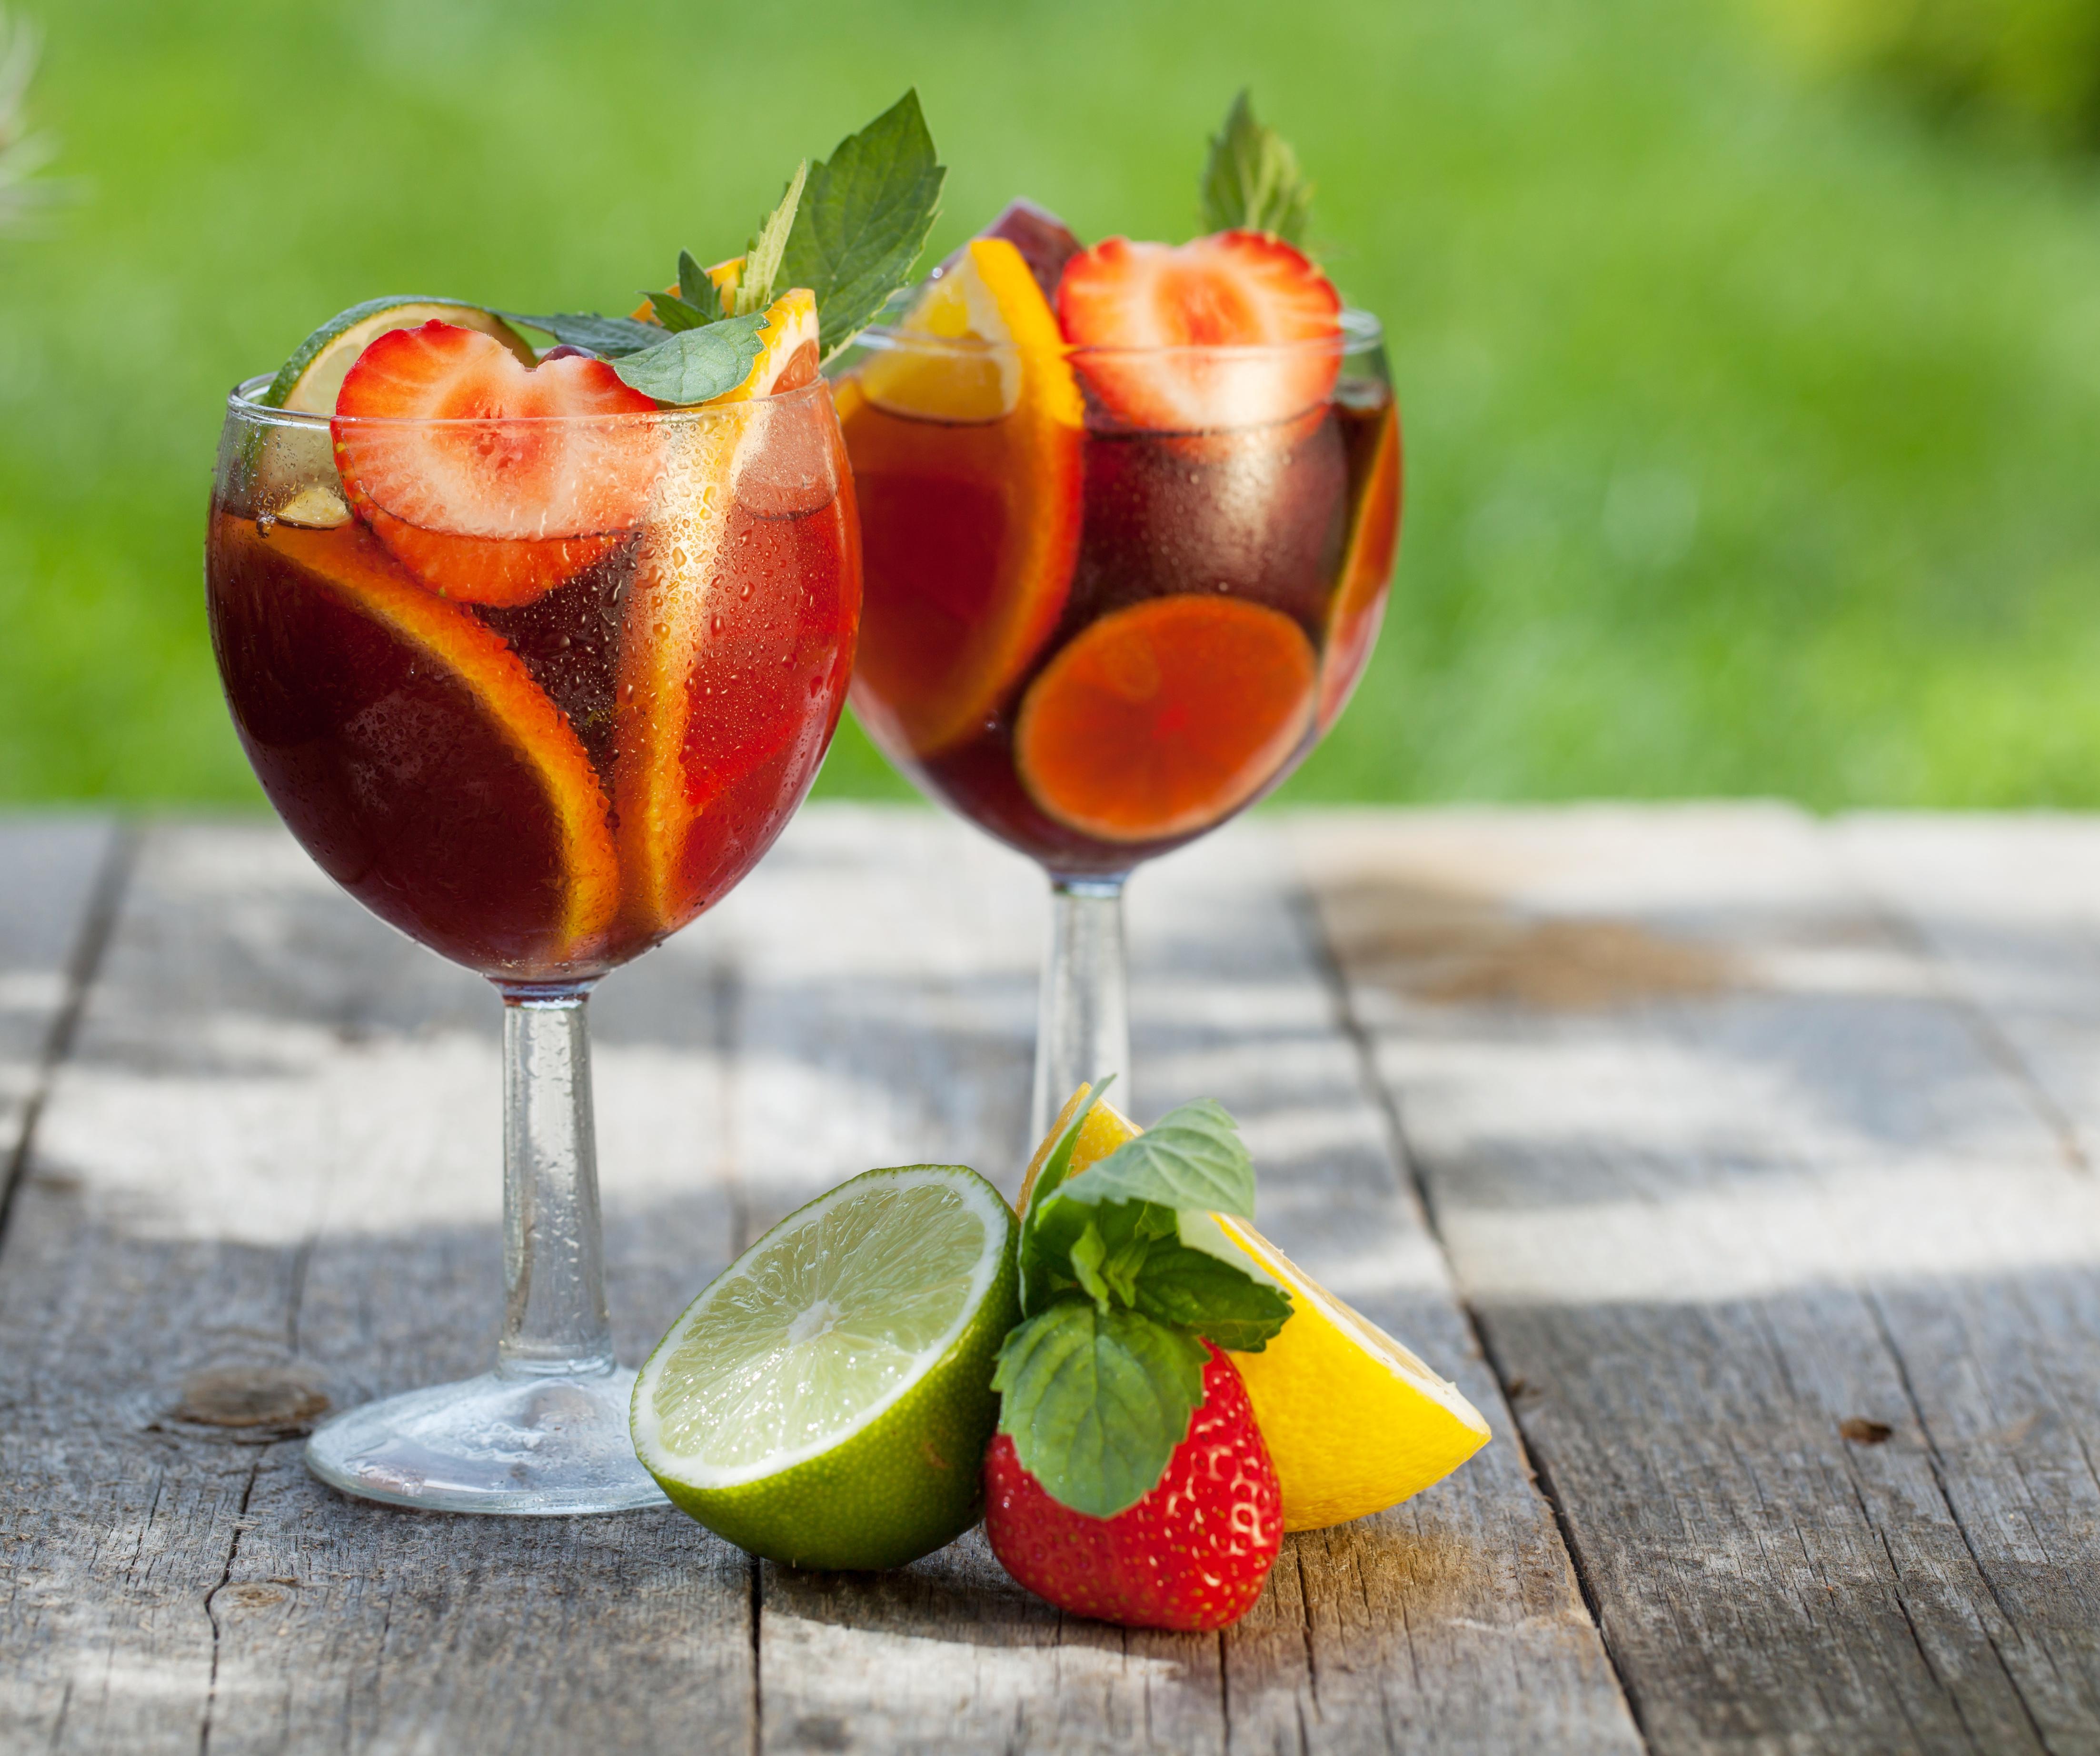 еда напитки лайм лимон апельсин клубника вишня коктейль food drinks lime lemon orange strawberry cherry cocktail  № 2154603 без смс